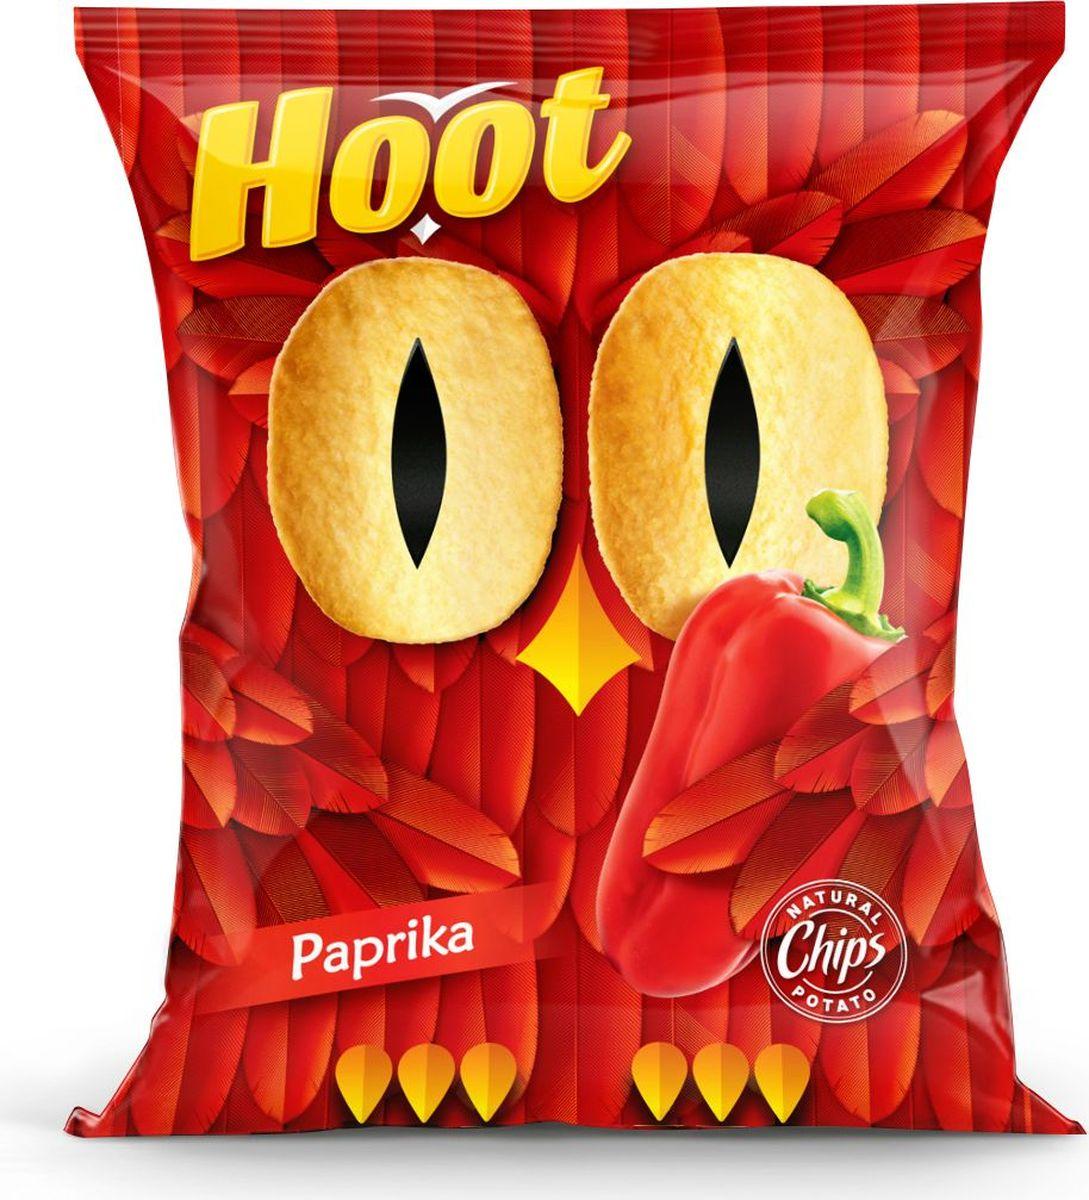 Hoot Чипсы, паприка, 80 г4760156030332Картофельные чипсы со вкусом «Паприки»